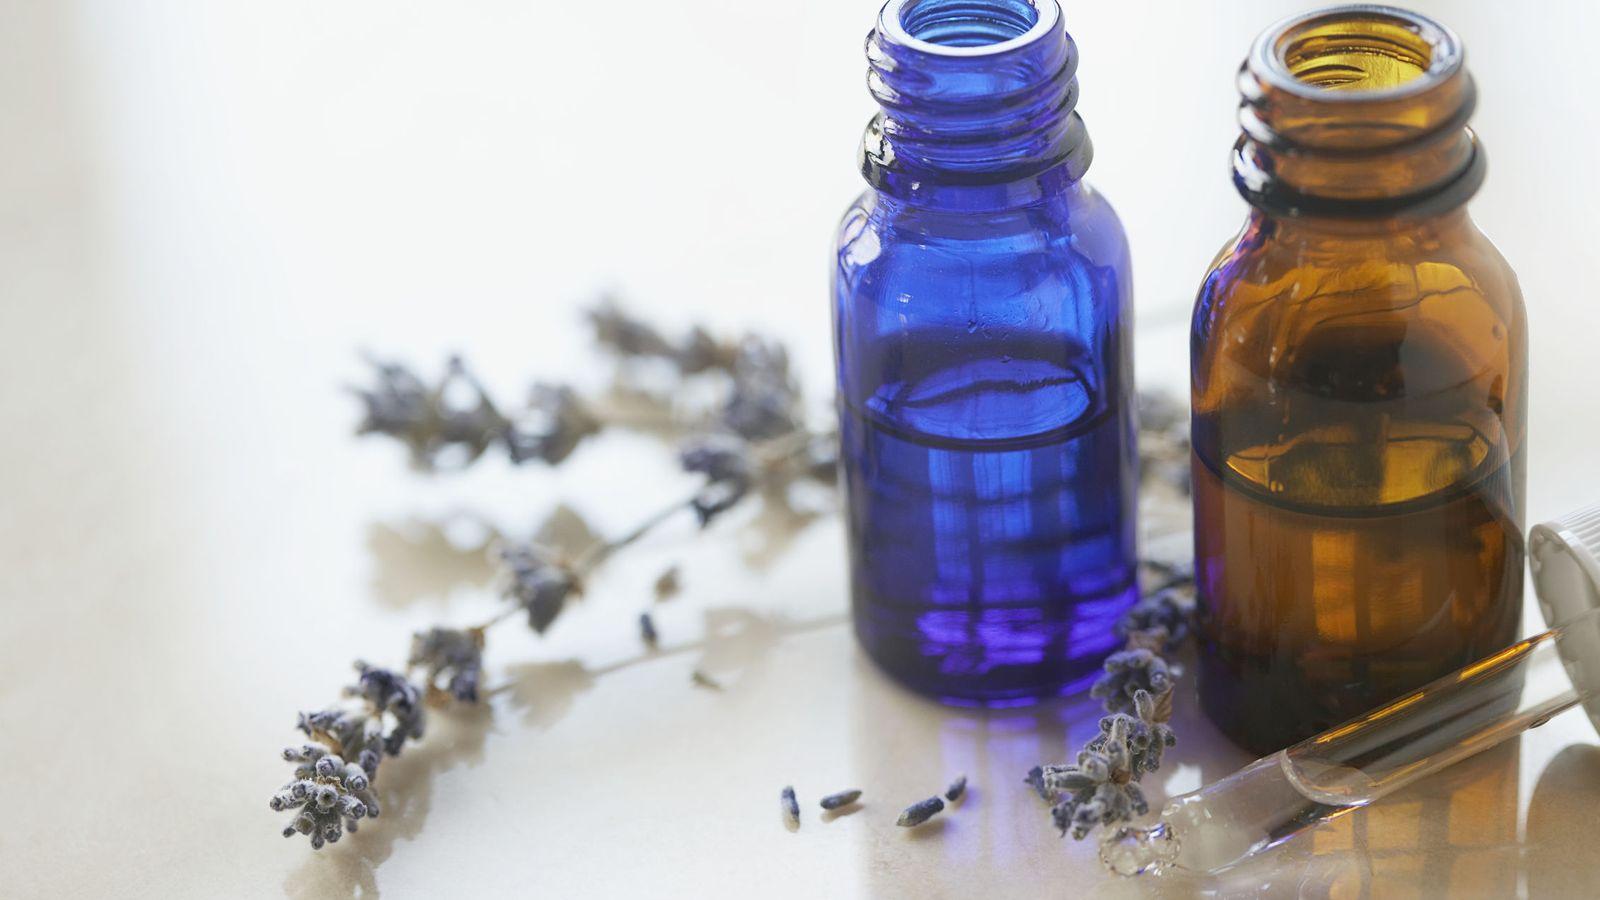 Foto: La homeopatía ha generado muchos debates. Pocos de calidad. (Kate Kunz/Corbis)